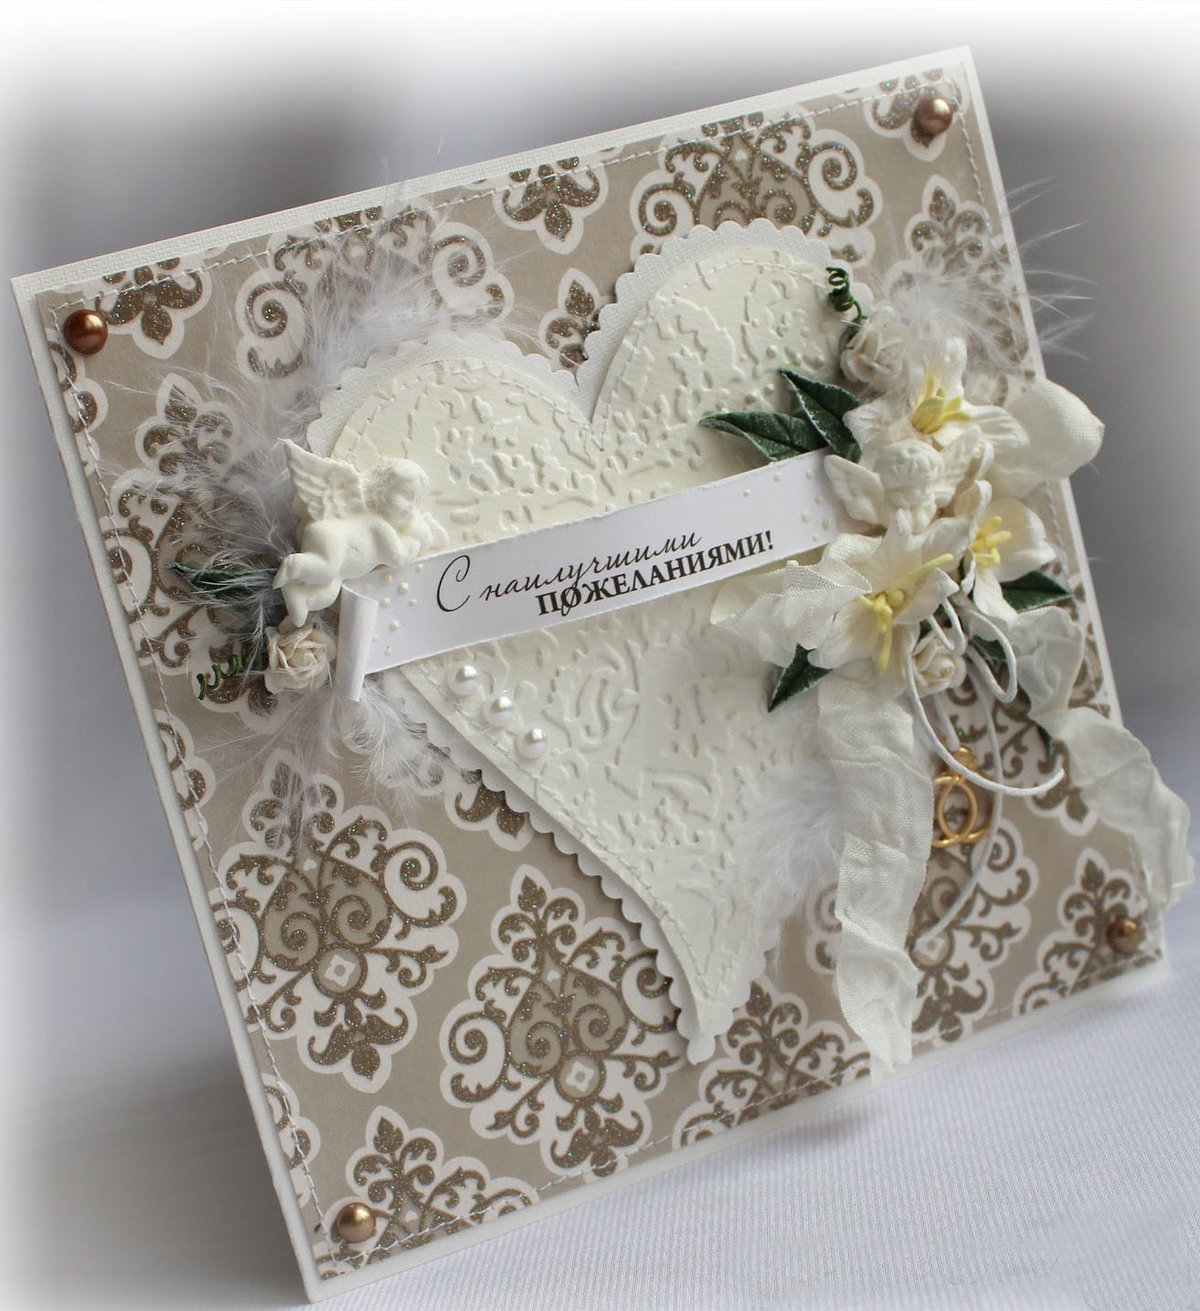 Смешно, как сделать свадебную открытку